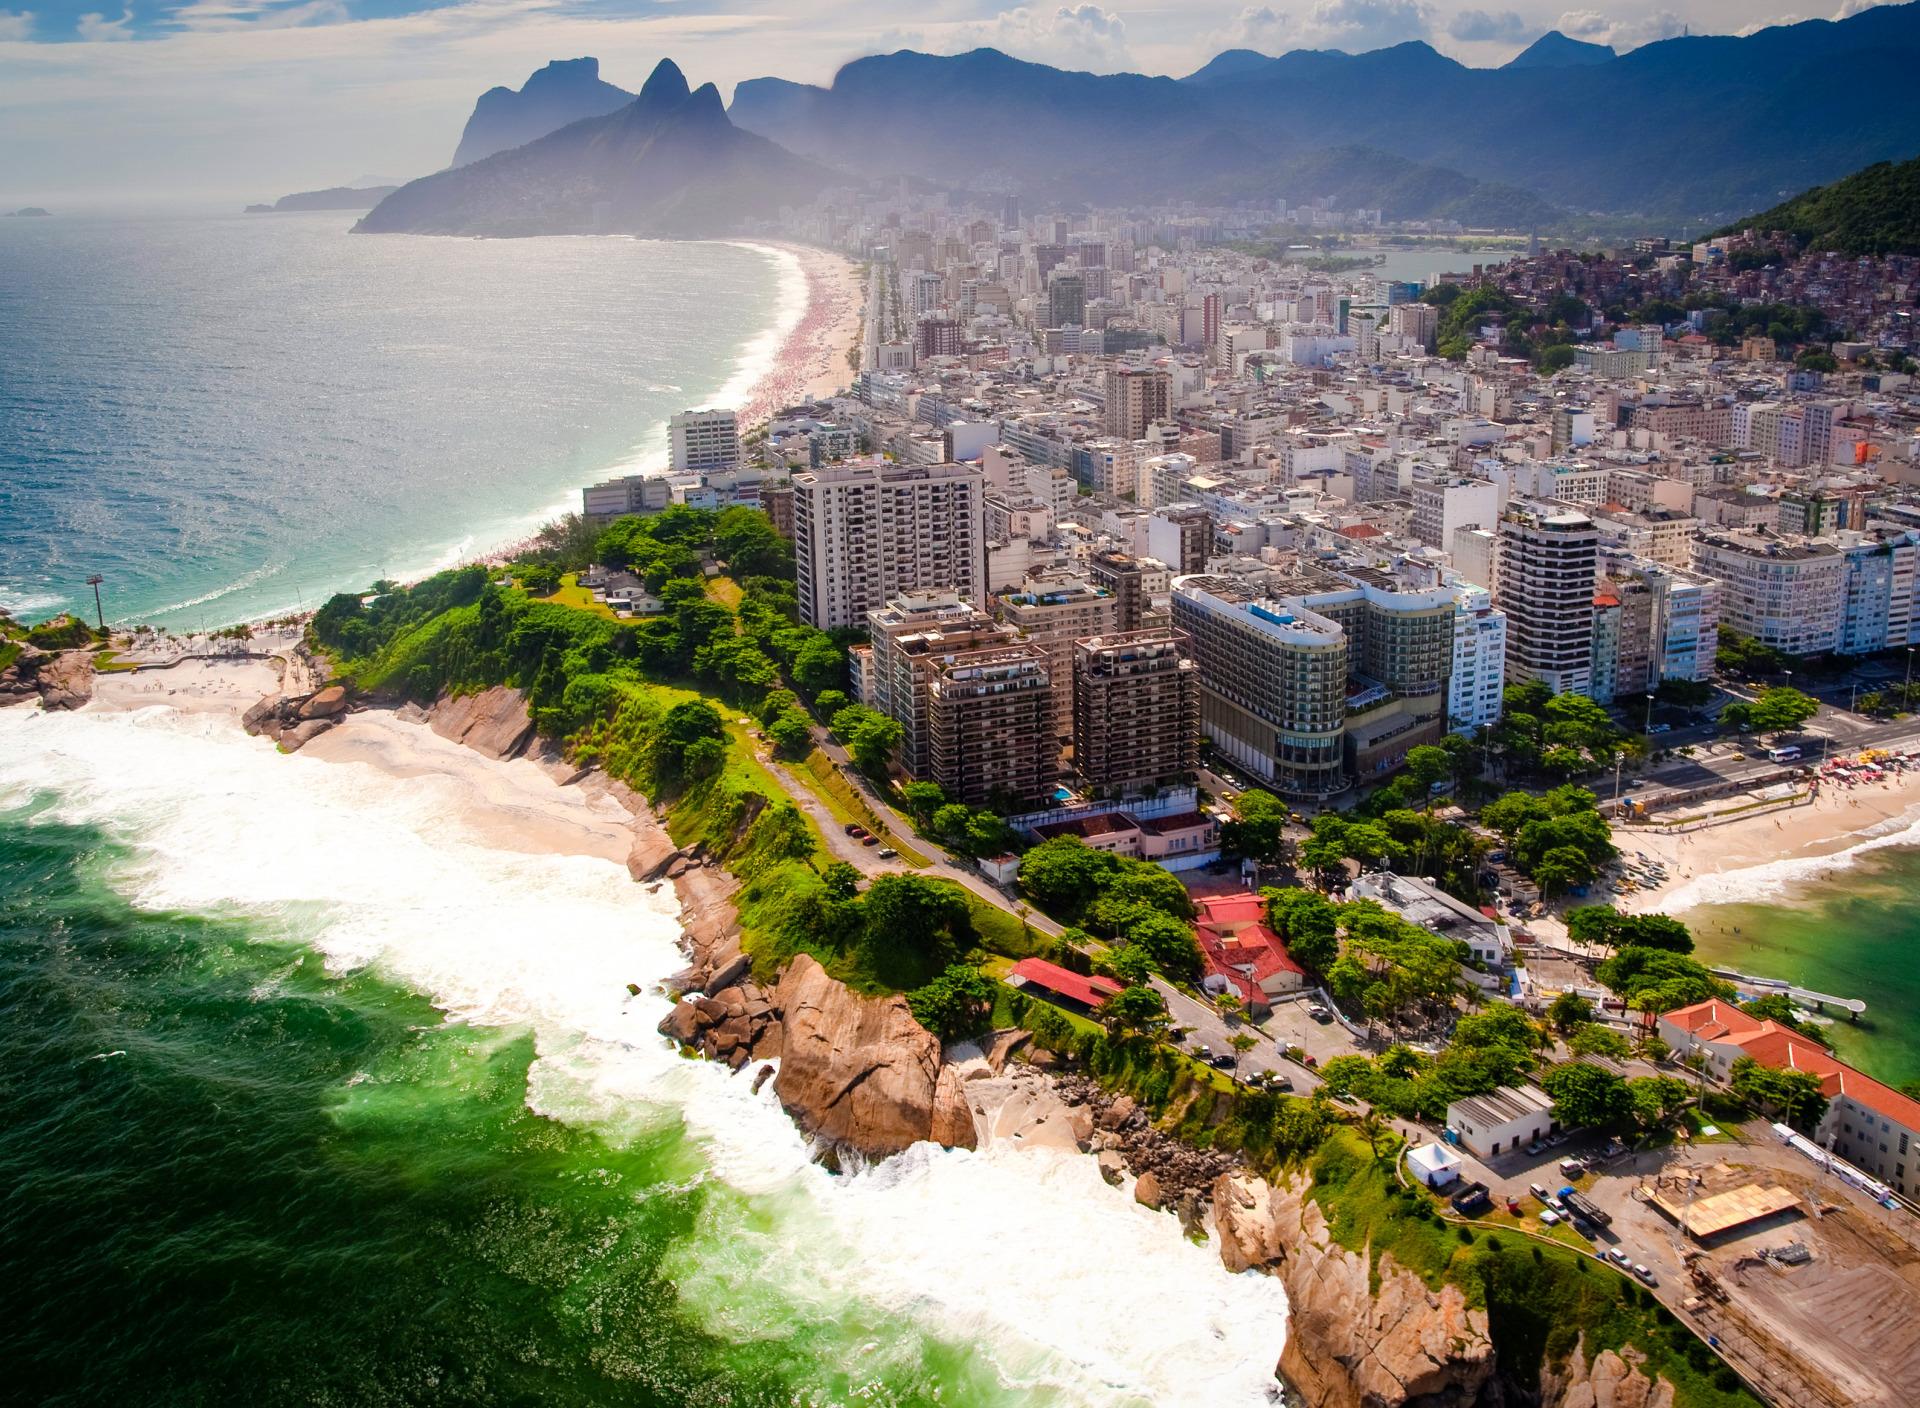 Что можно посмотреть в бразилии достопримечательности